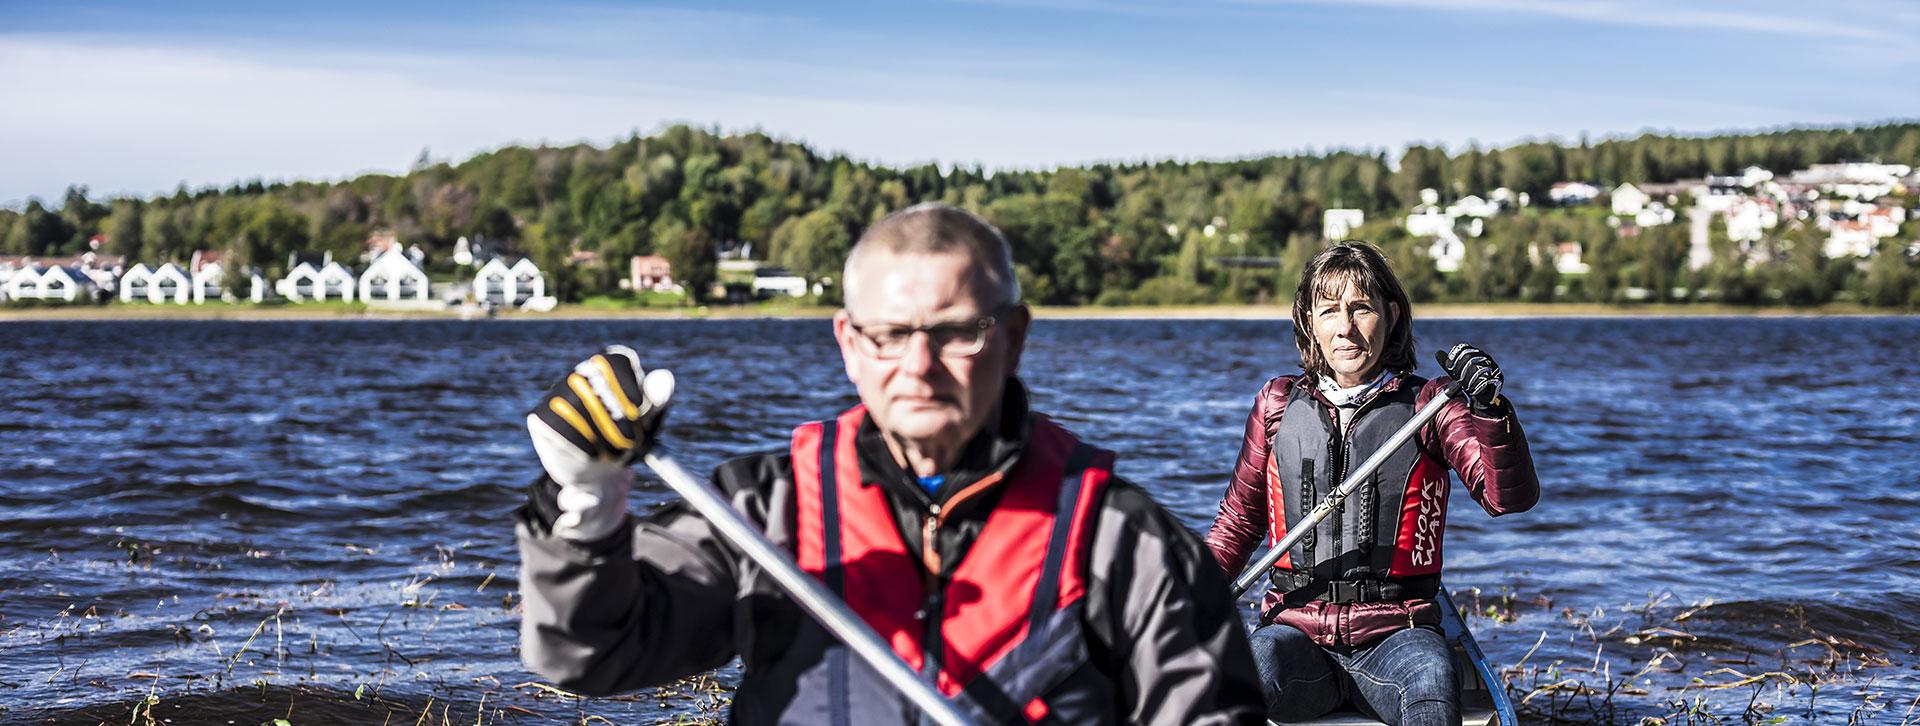 Upplev och upptäck Ulricehamn - Ett par som paddlar kanot i sjön Åsunden